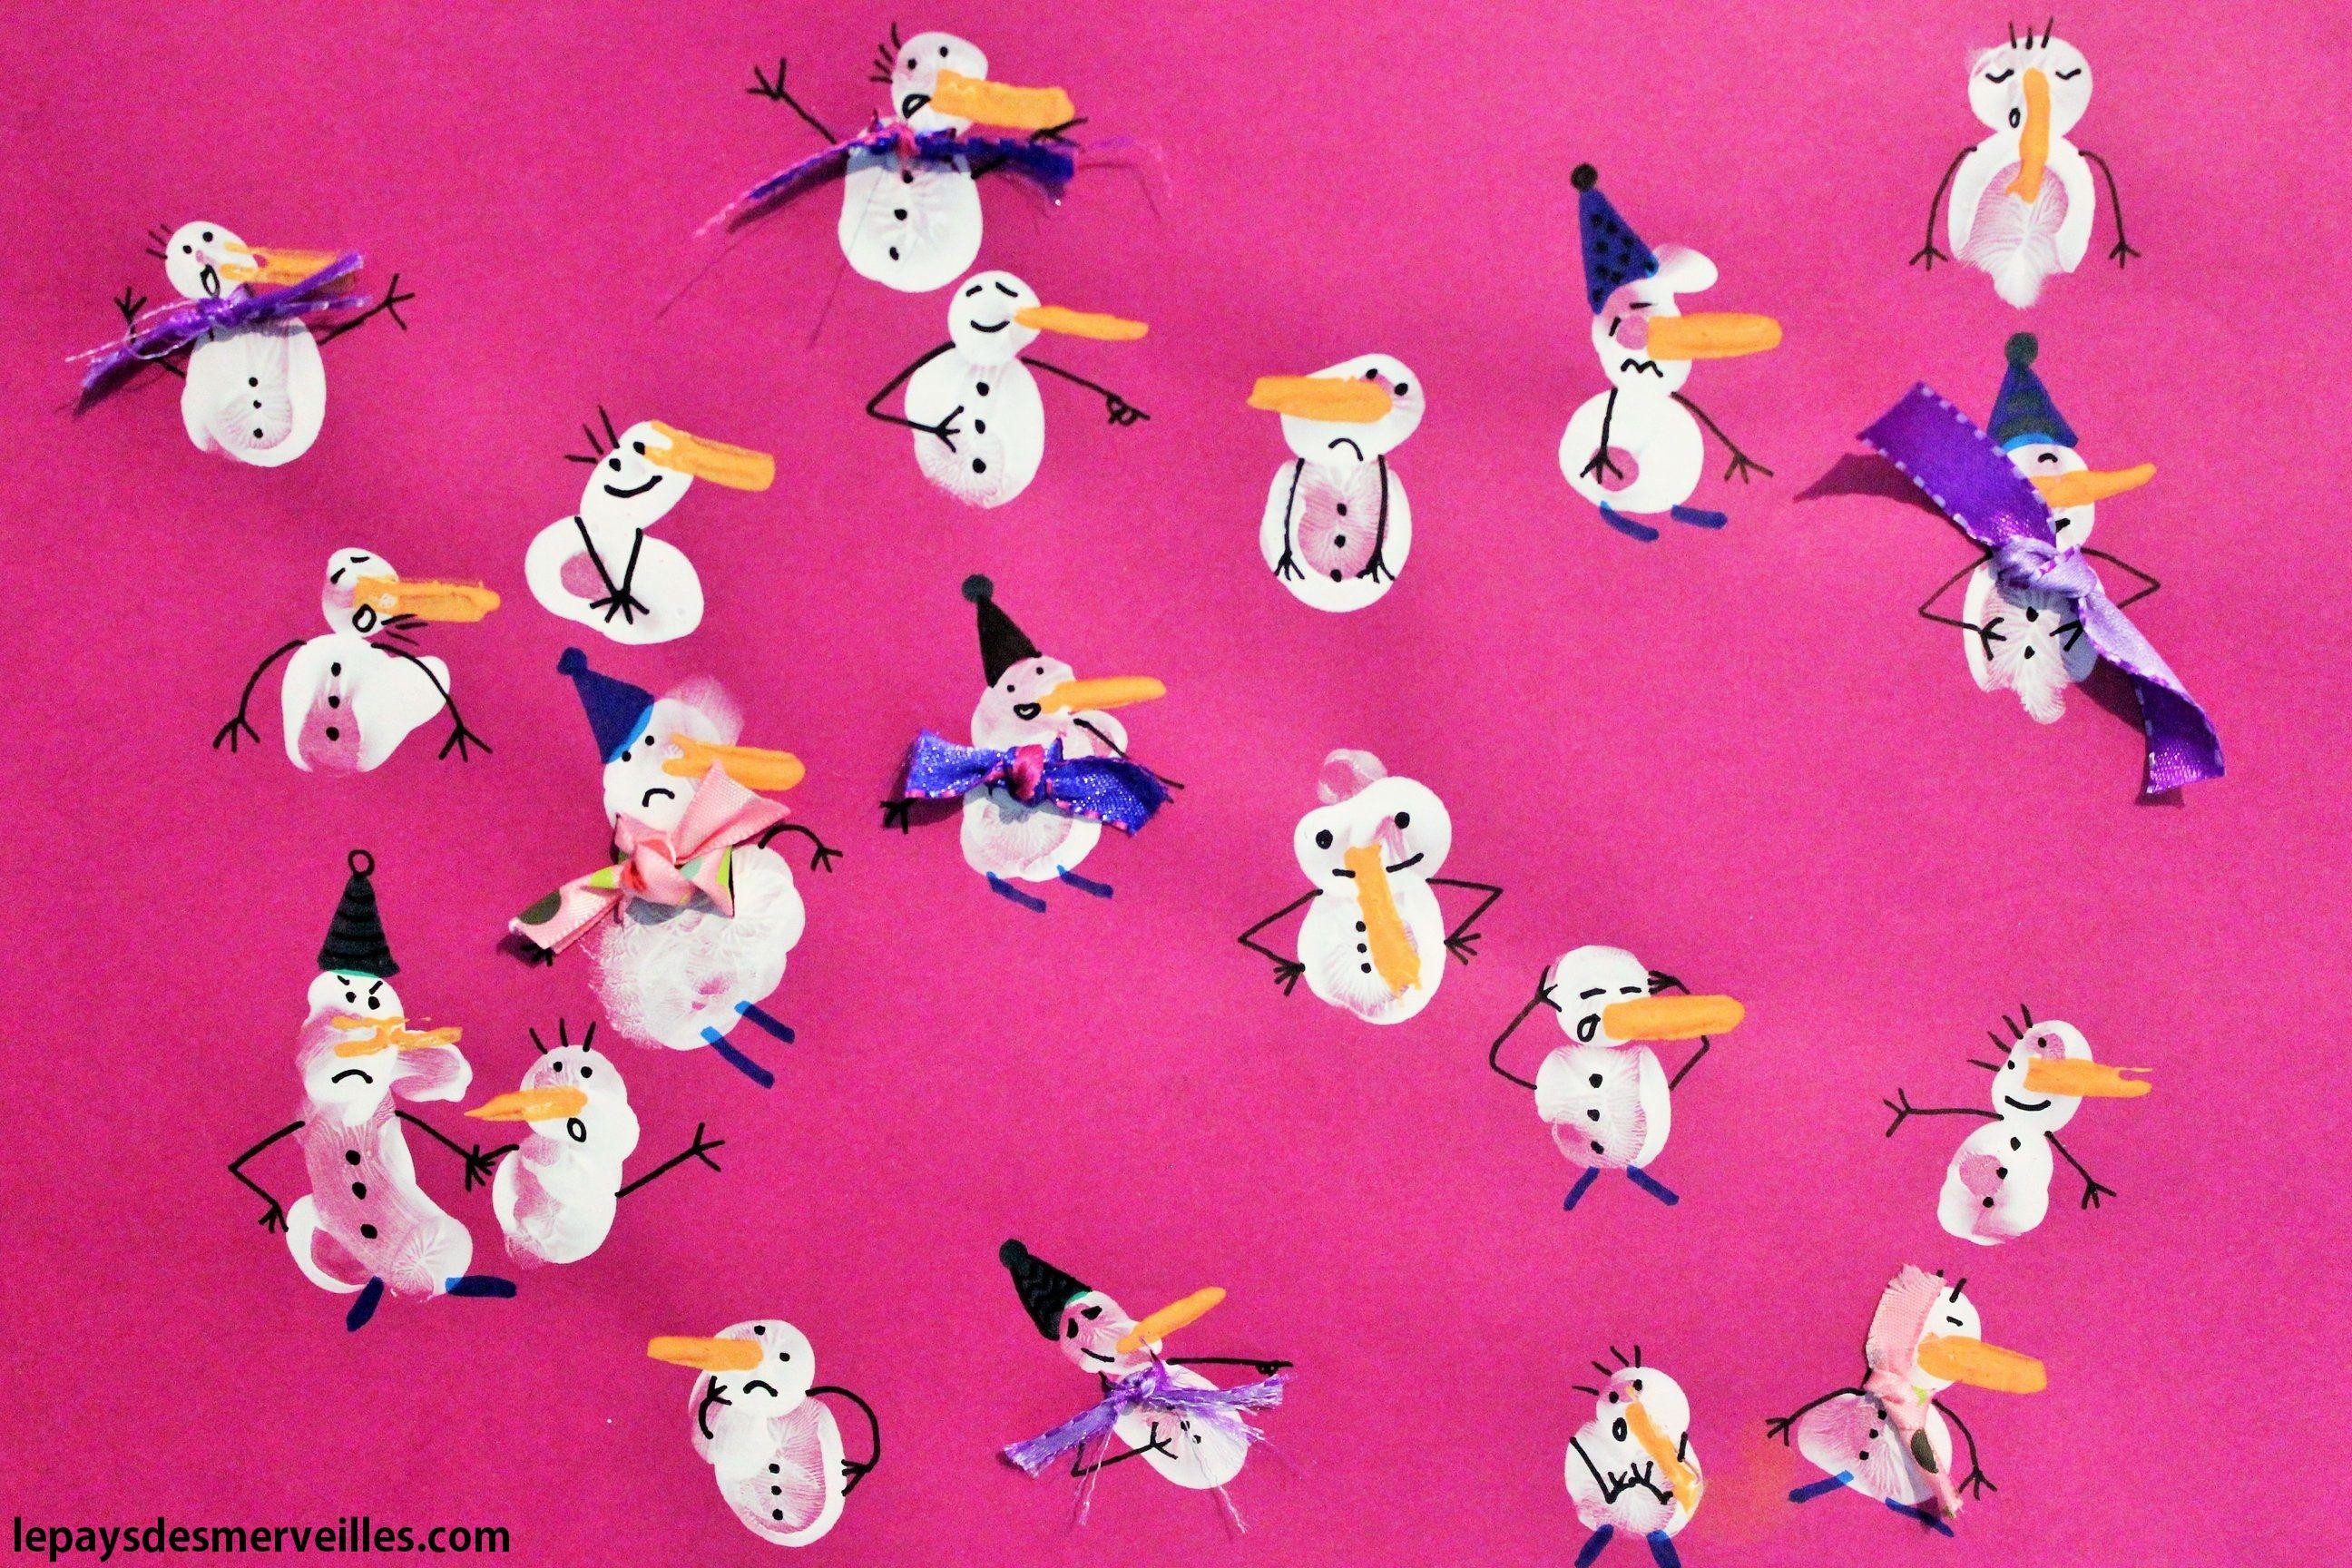 Activité Manuelle Noël concernant activité manuelle noel empreintes de doigts bonhomme de neige